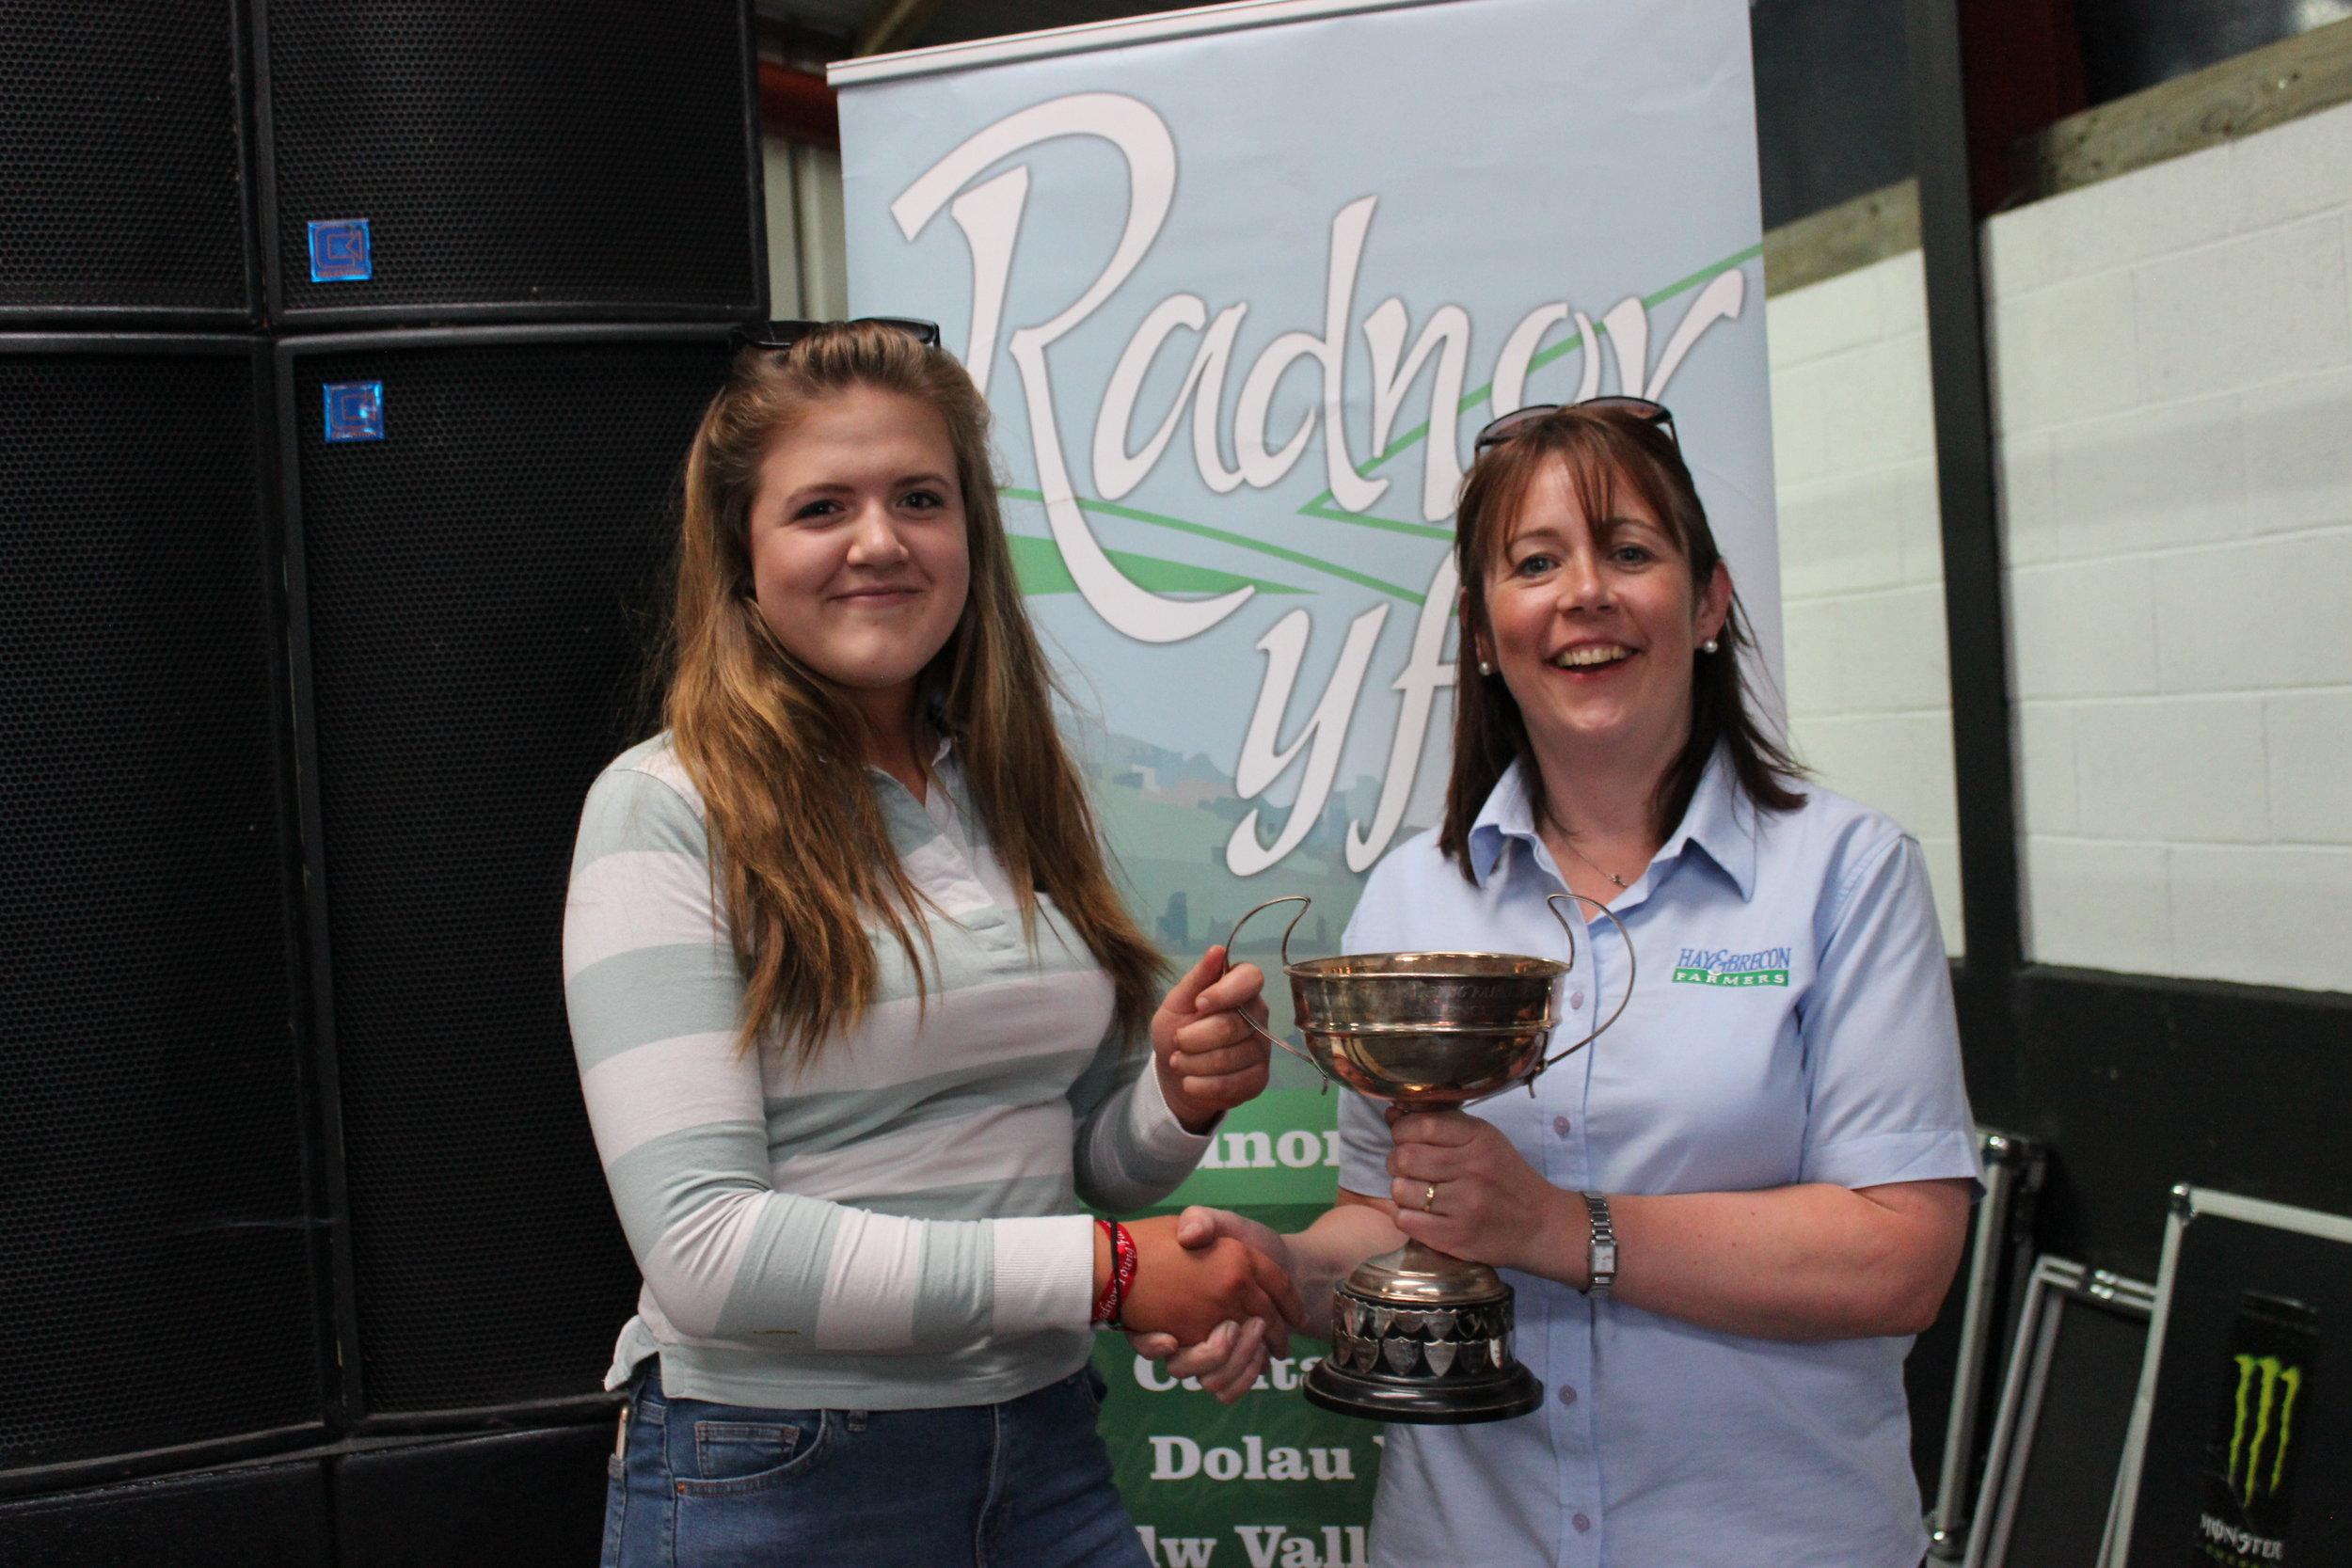 Gemma Price, Llanbadarn Fynydd YFC - Knighton & District Cup / Highest placed small Club